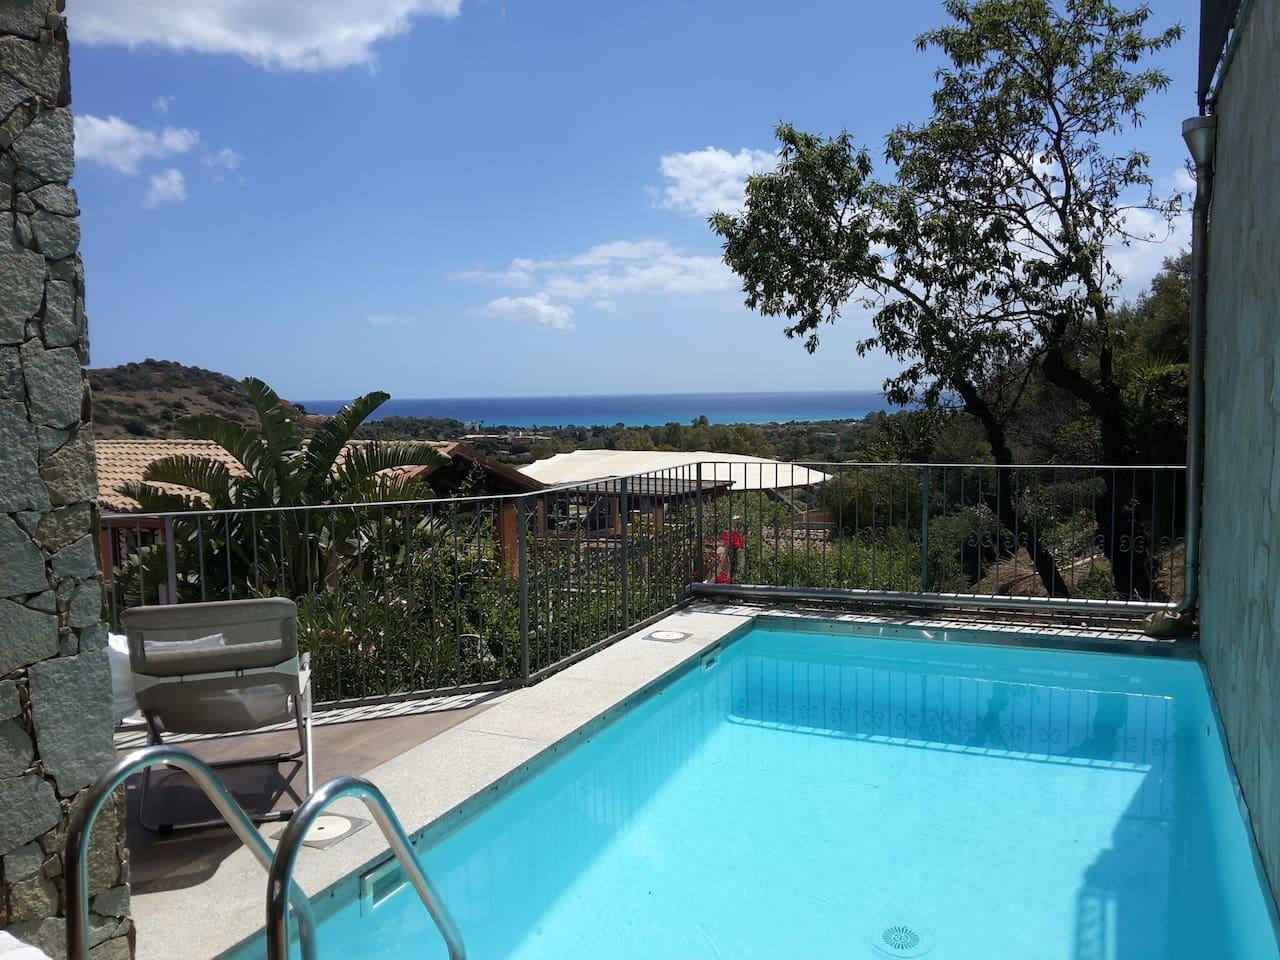 terrazza panoramica vista mare con piscina a uso esclusivo